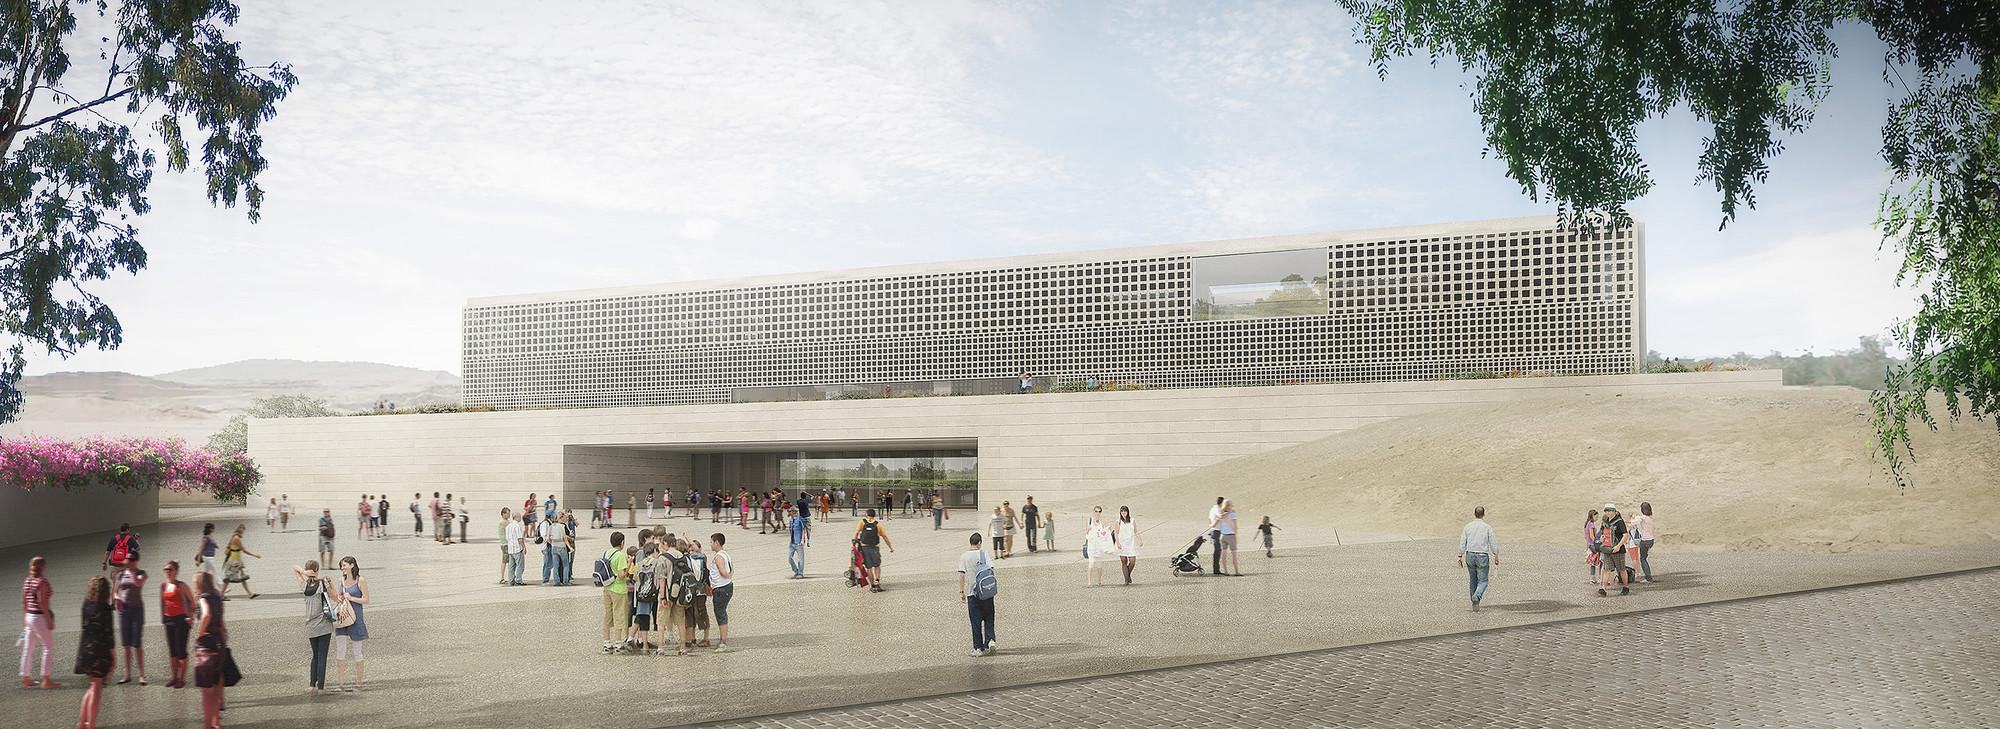 Primer Lugar en concurso de ideas para el Museo Nacional del Perú, Explanada de acceso. Image Courtesy of Alexia León Angell